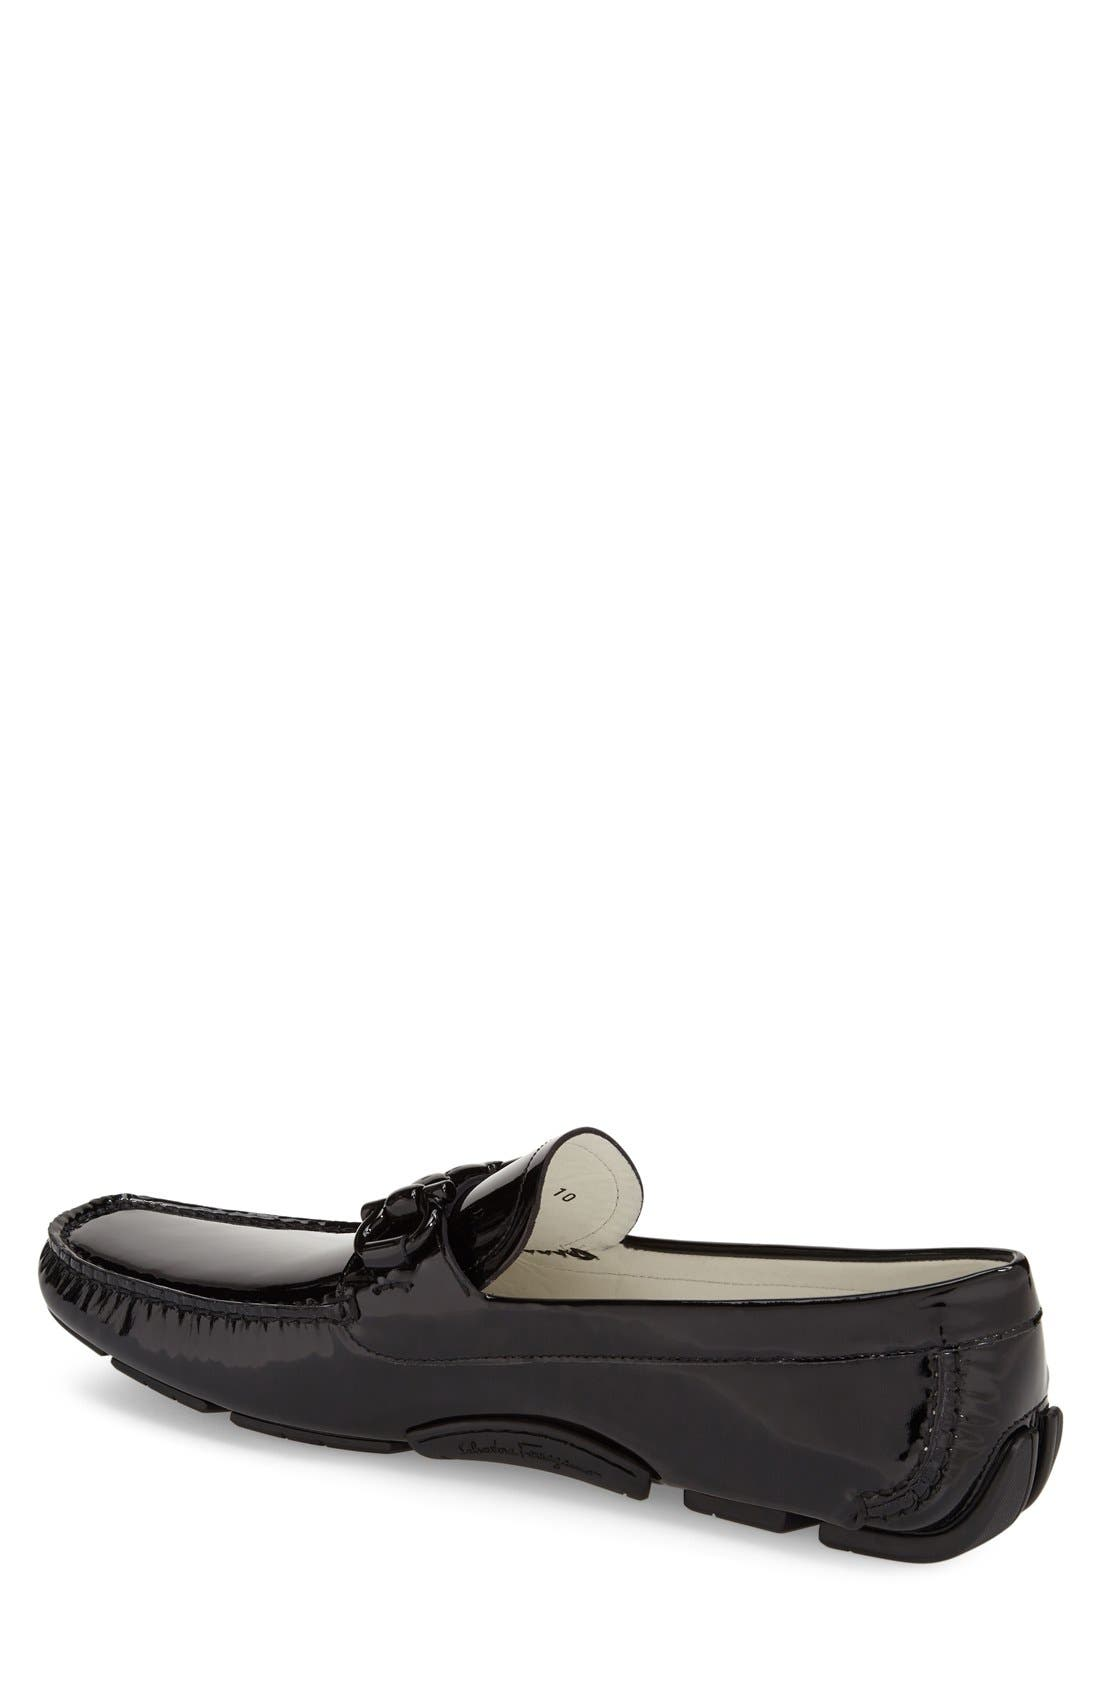 Alternate Image 2  - Salvatore Ferragamo 'Parigi' Patent Leather Driving Shoe (Men)